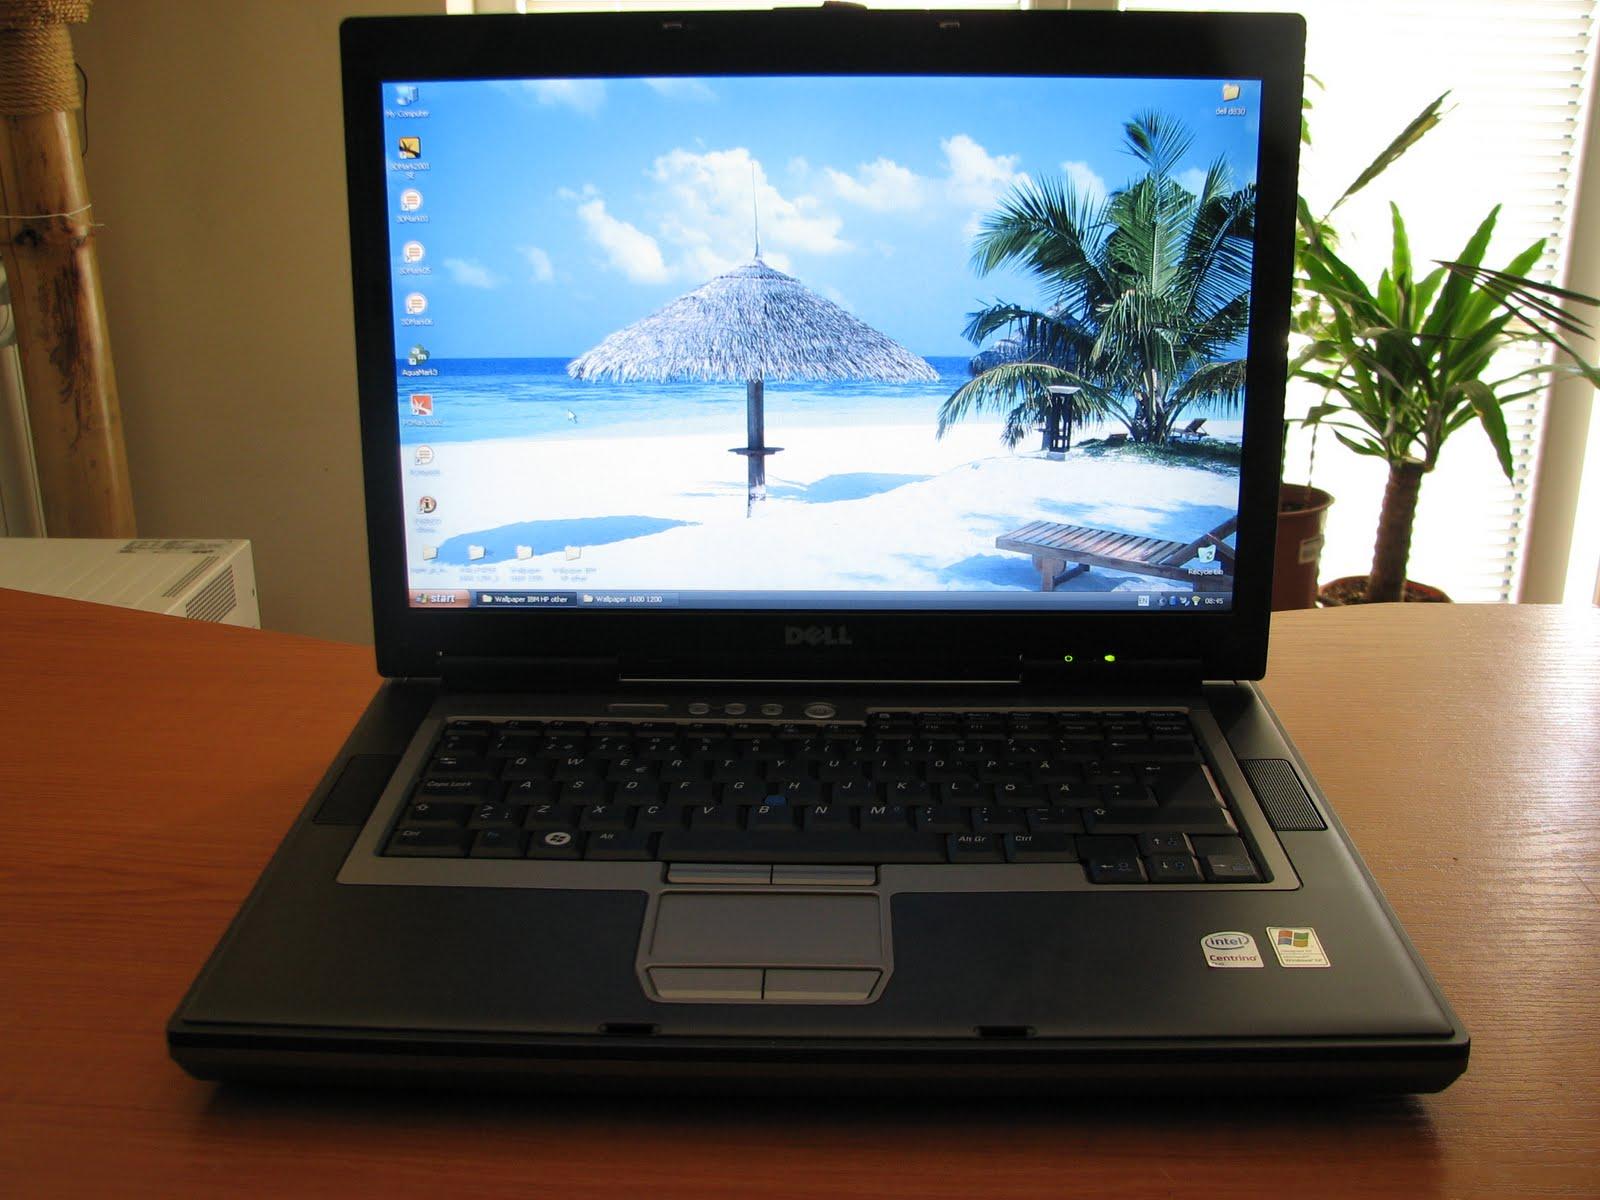 bán laptop cũ dell d830 tại hà nội